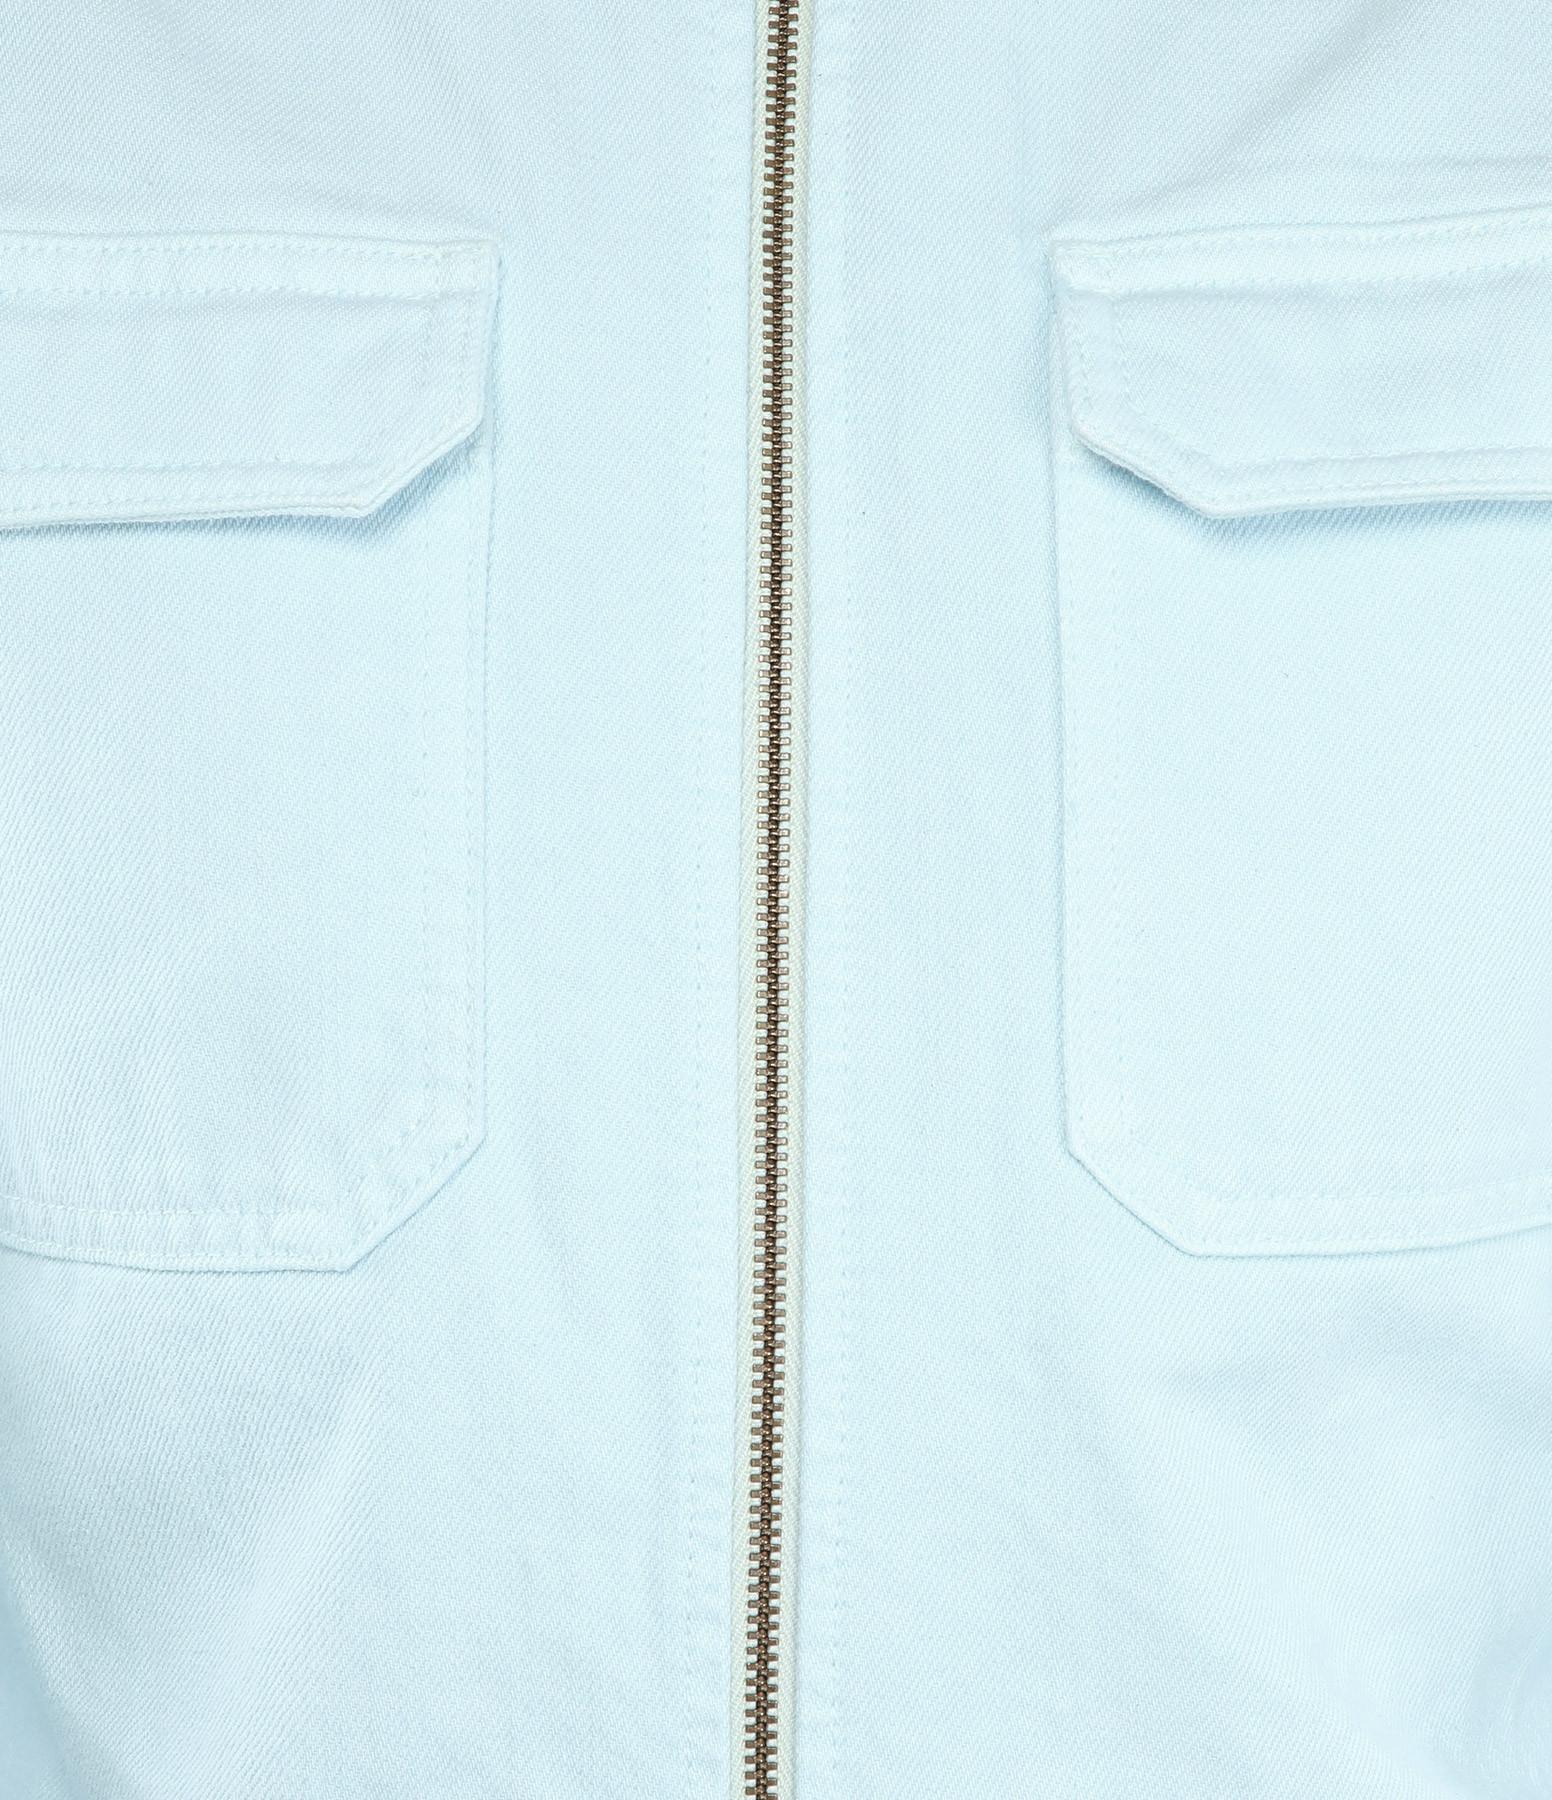 MODETROTTER - Combinaison Brunet Coton Bleu Ciel